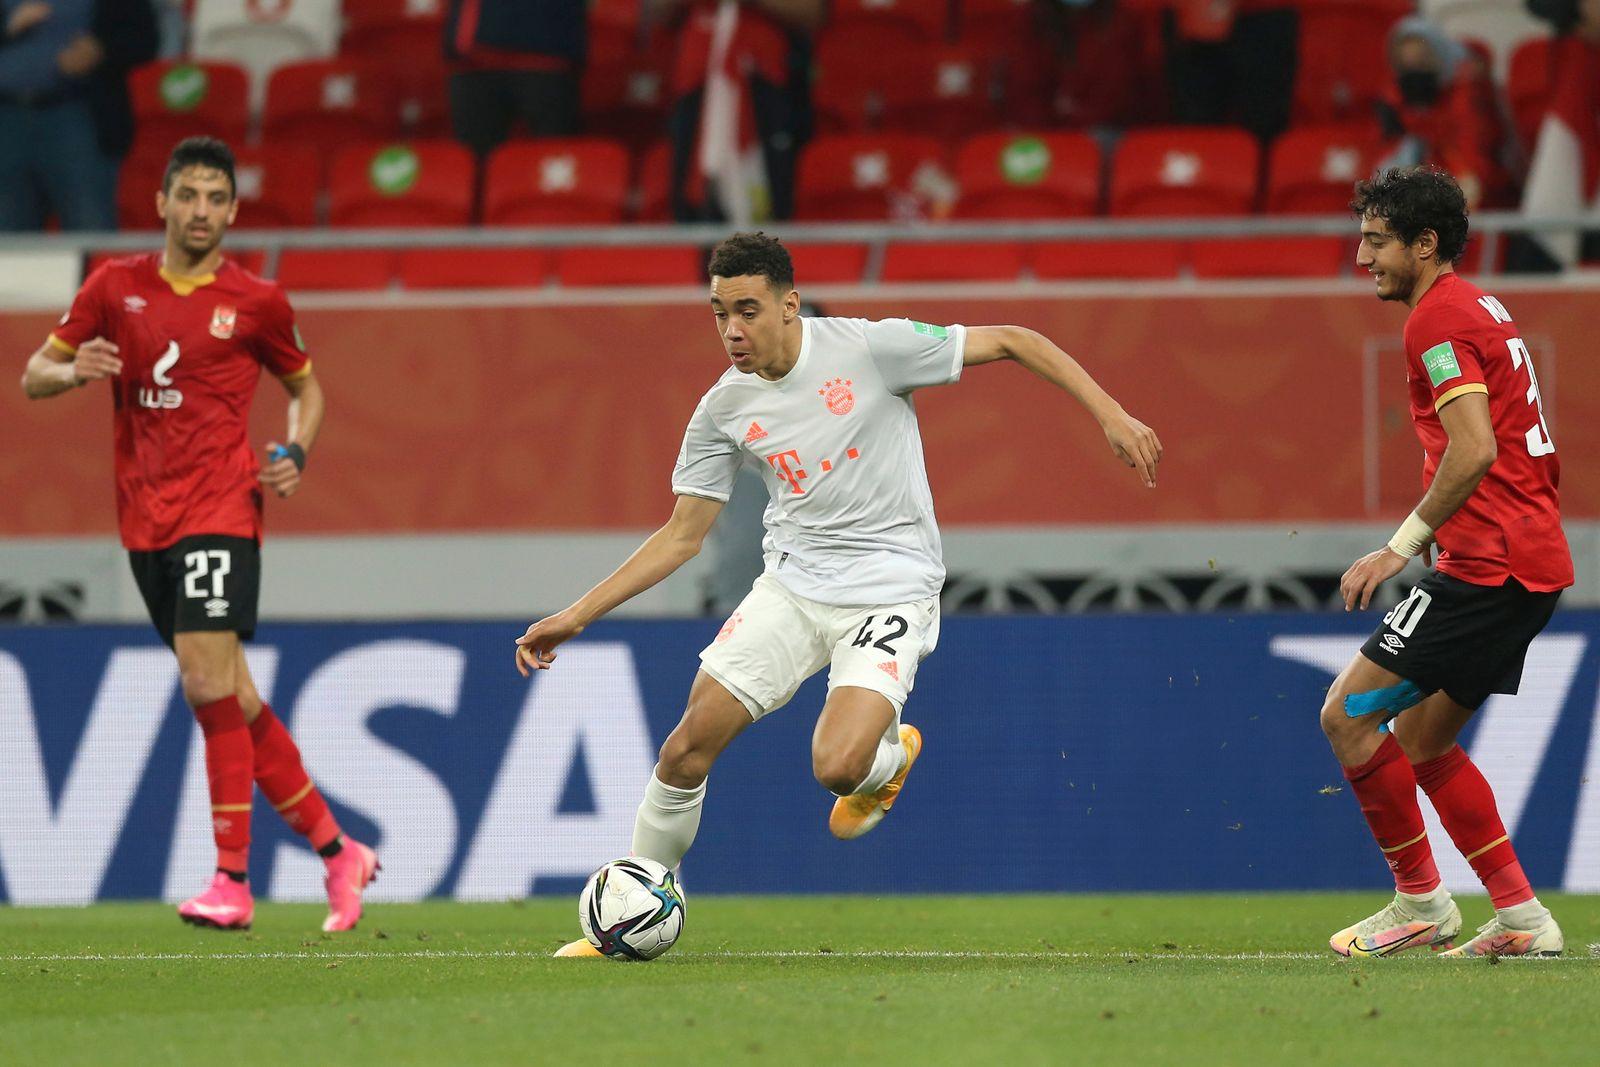 Al Ahly Kairo - FC Bayern München